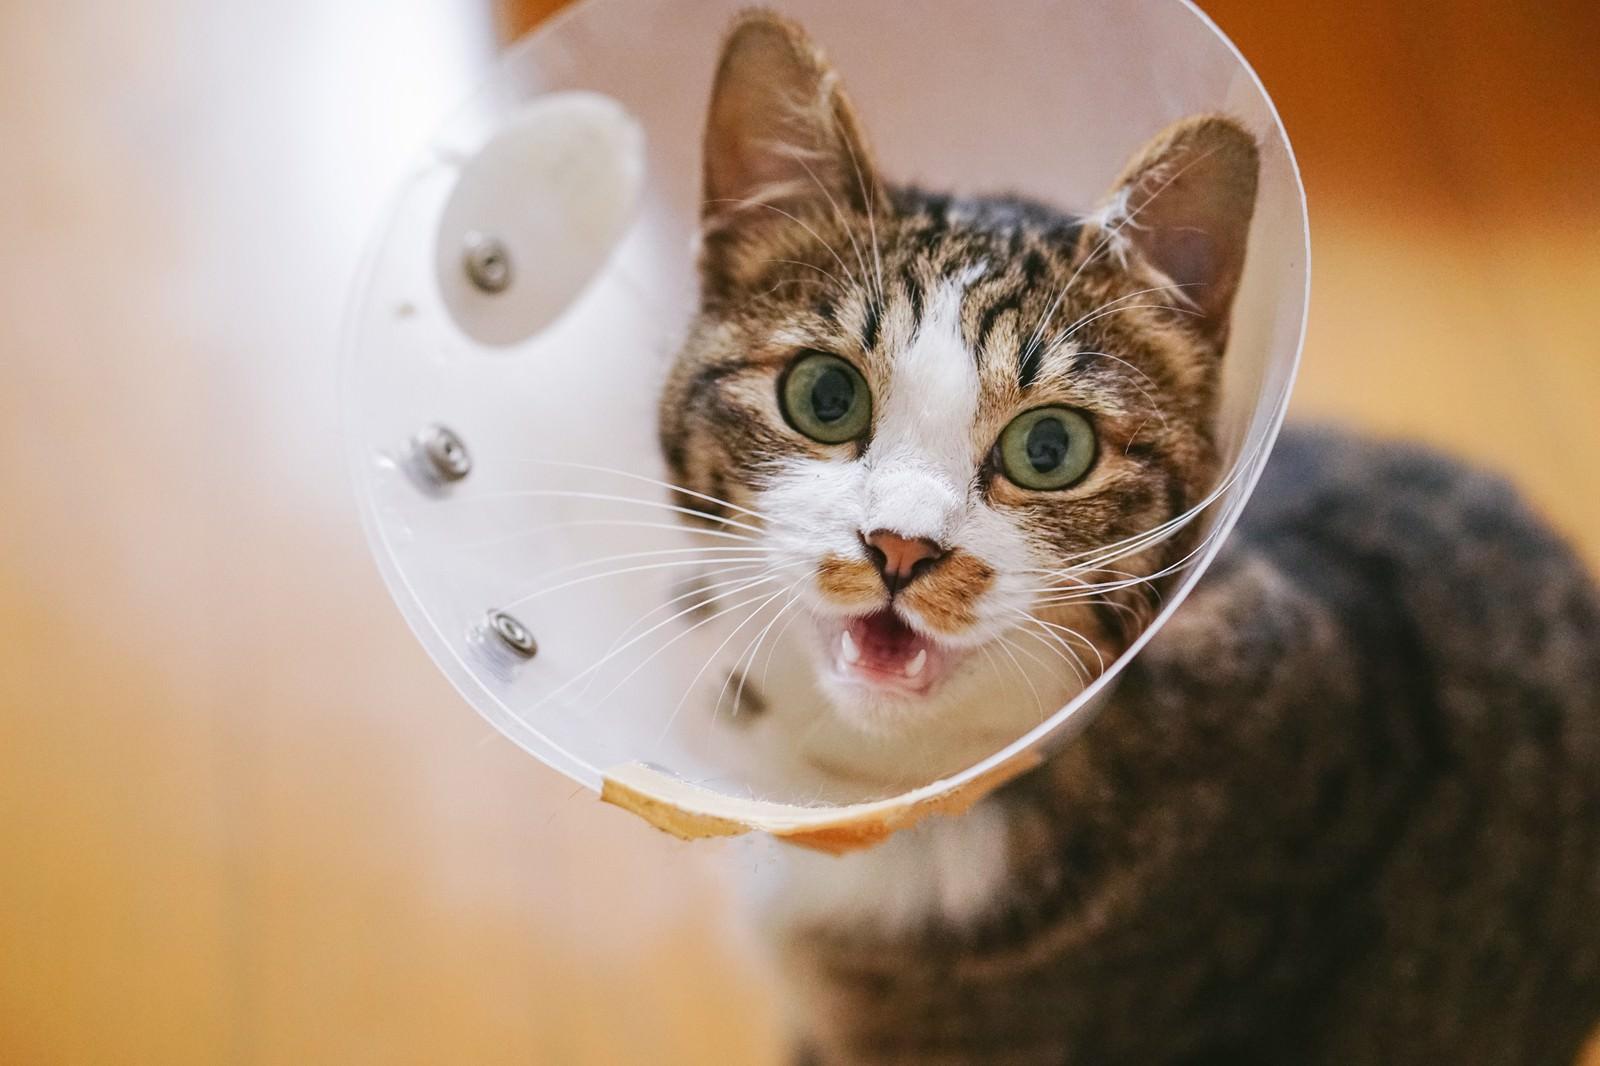 「エリザベスカラーが気に食わないキジ白猫」の写真